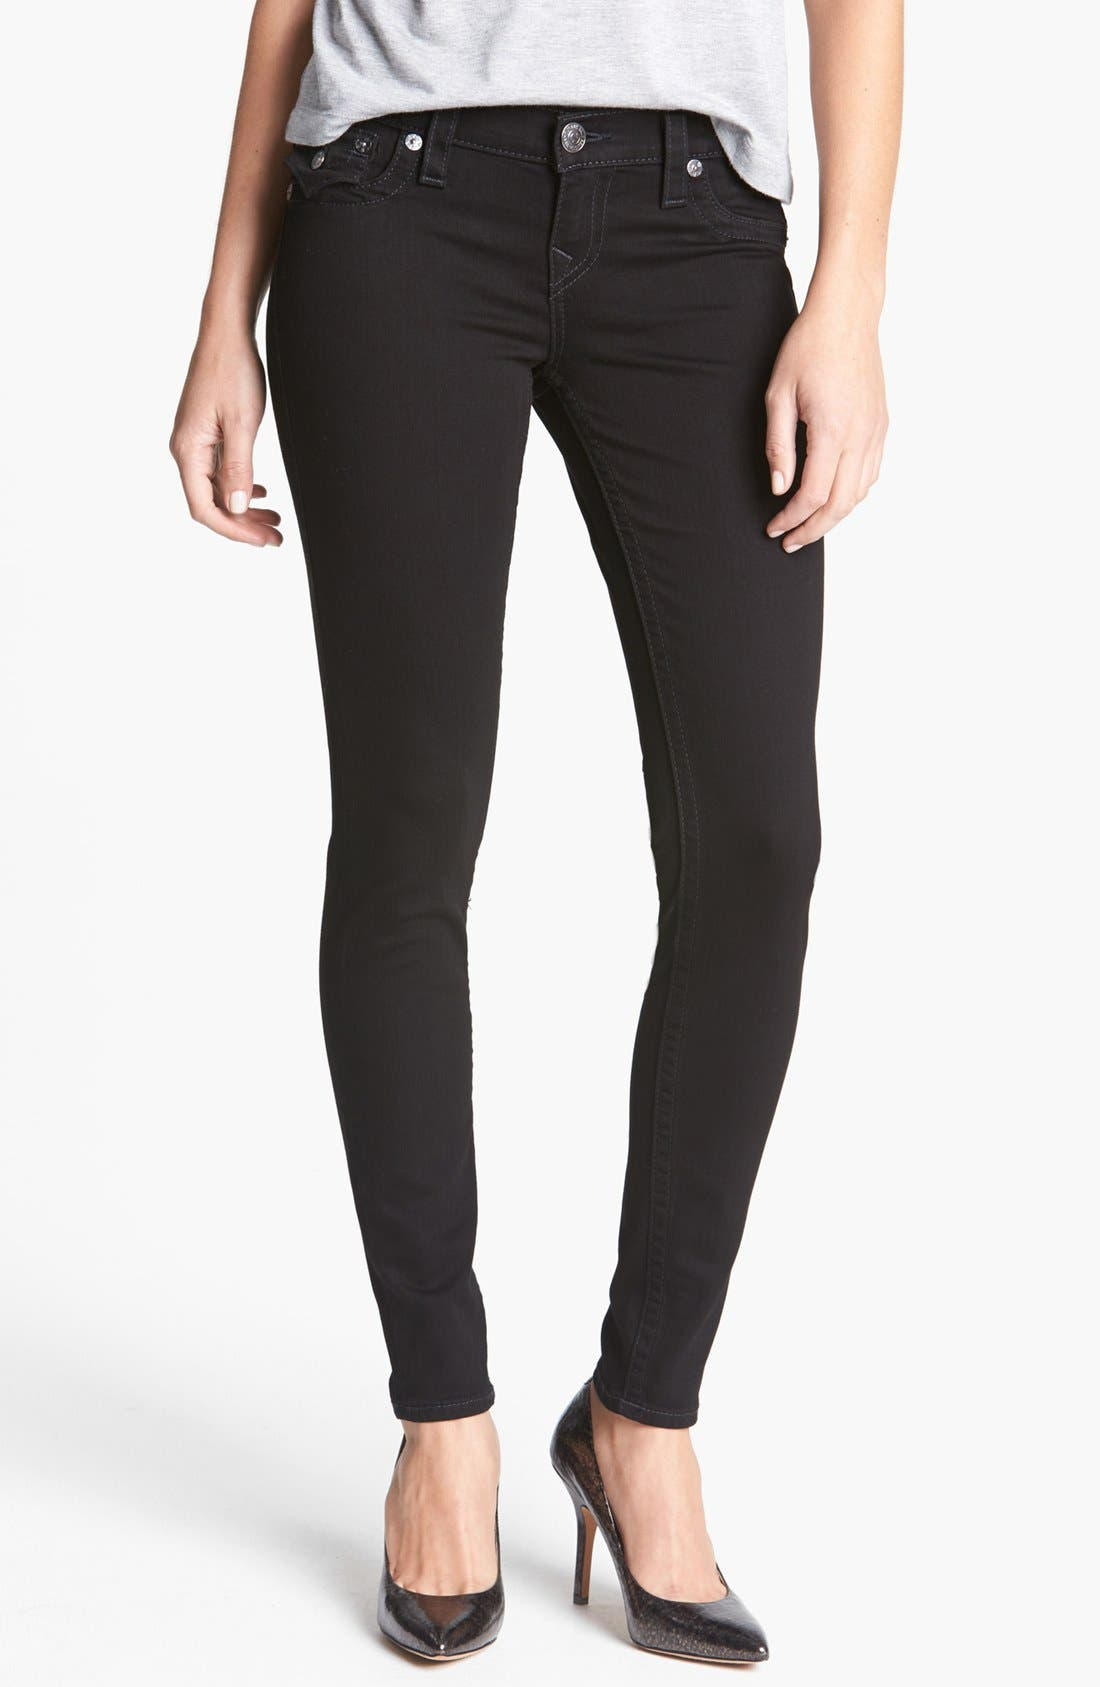 Main Image - True Religion Brand Jeans 'Misty' Skinny Denim Leggings (Super Vixen)